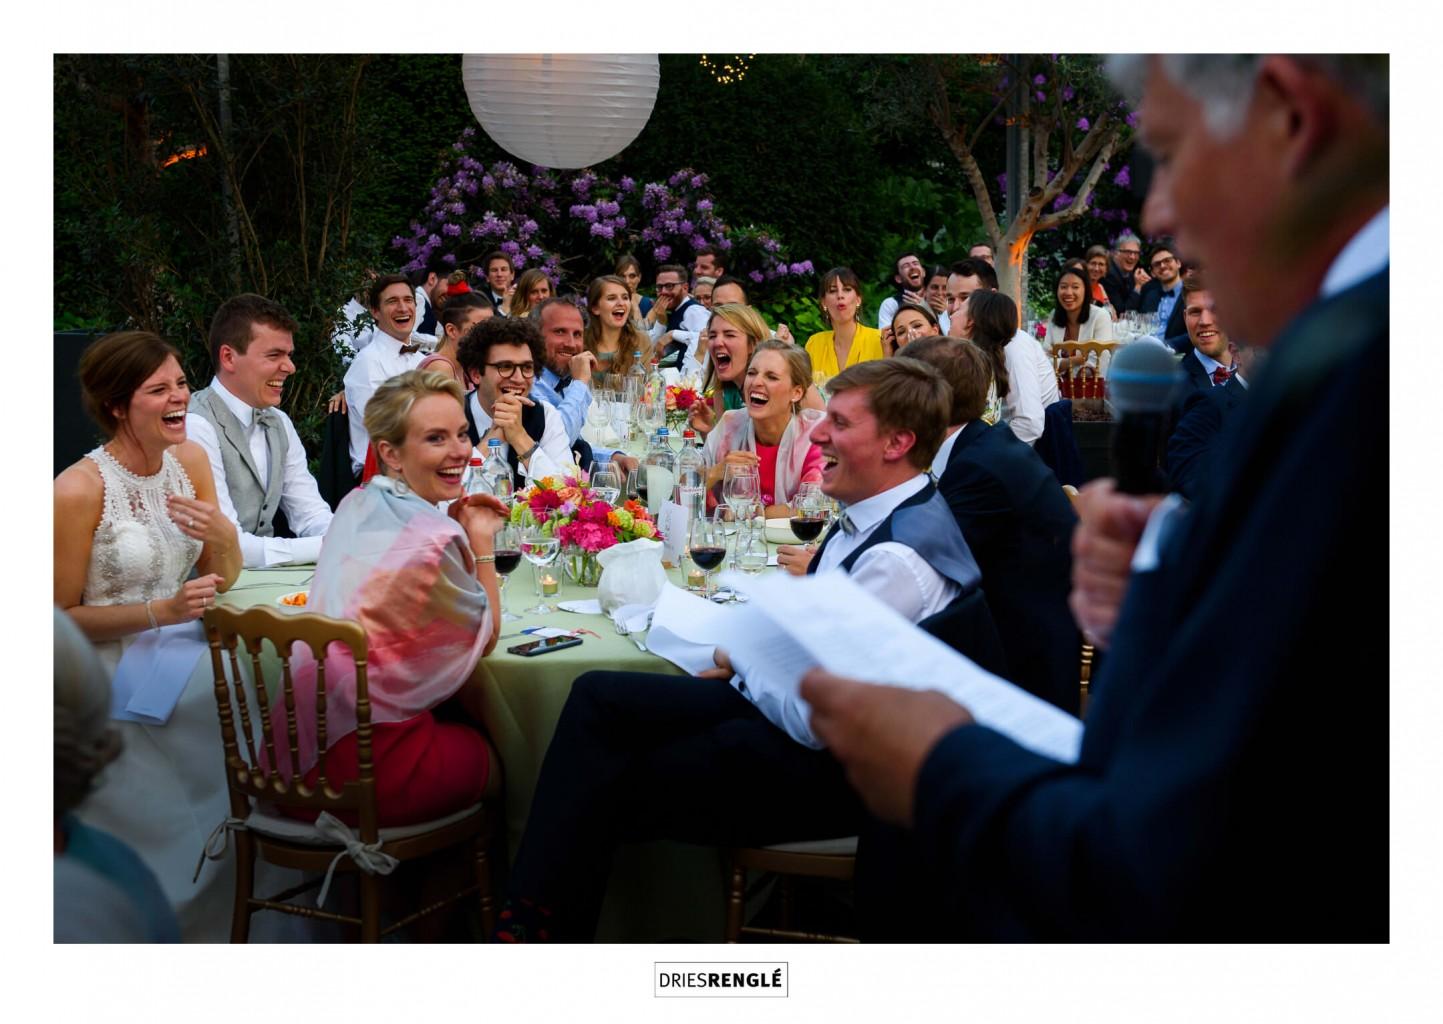 011-jef-cools-feestzaal-huwelijksfotograaf-dries-rengle